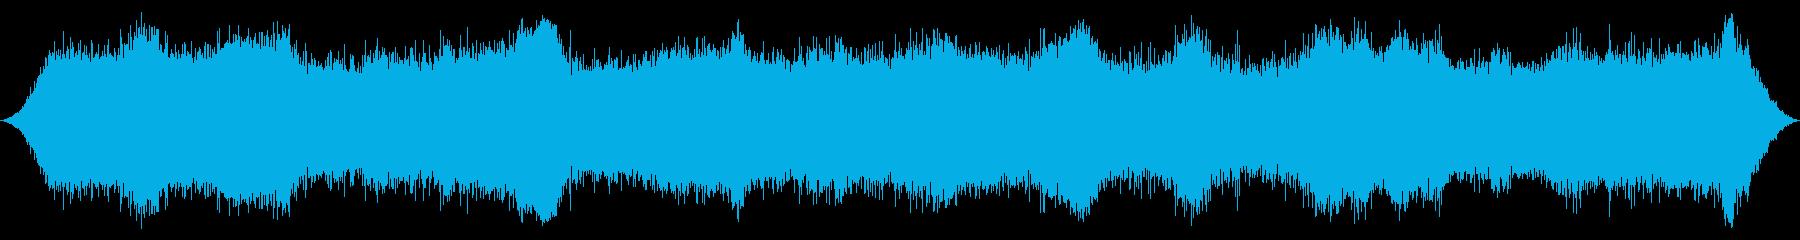 オーシャン:波が重く、強力なサーフ...の再生済みの波形